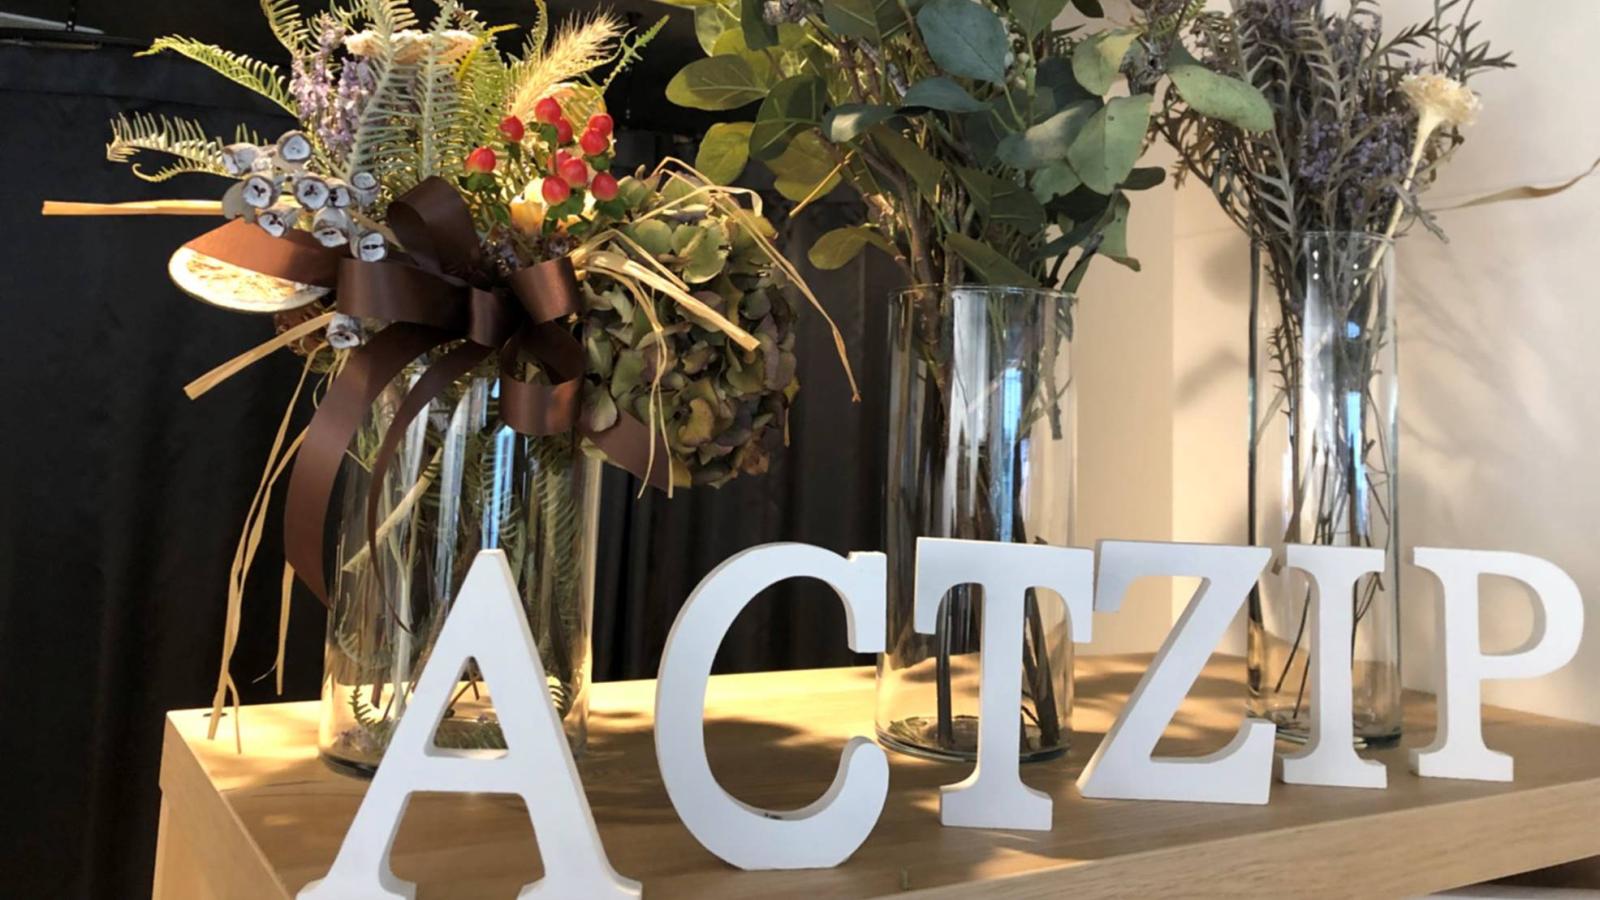 日吉 美容室 ACT ZIP(アクト ジップ)